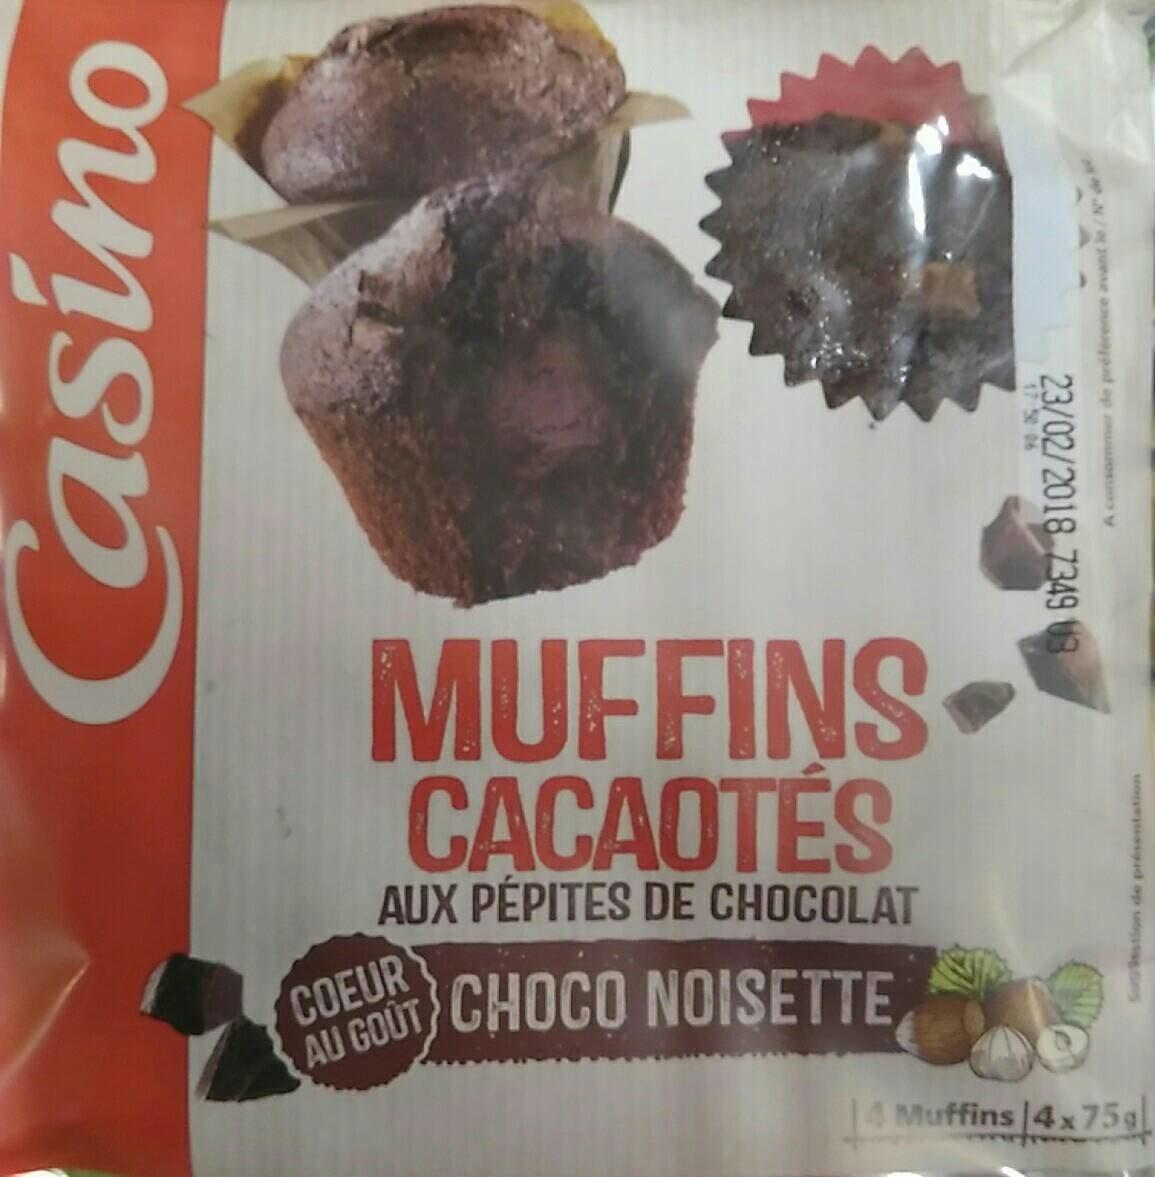 Muffins cacaotés aux pépites de chocolat cœur au goût choco noisette - Produit - fr